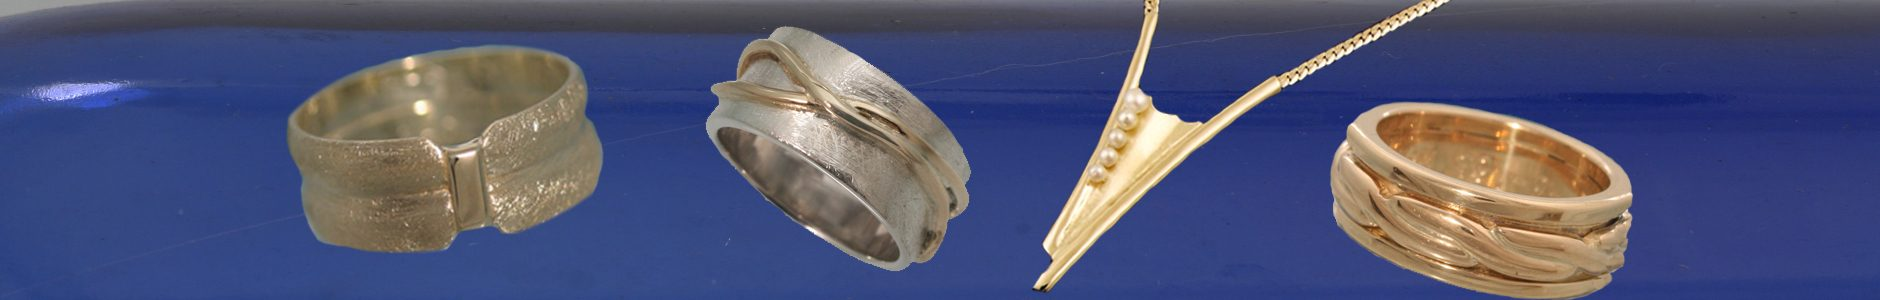 Last Touch. Een ring gemaakt van twee trouwringen, twee levens overbrugd, een zilveren ring met hieromheen een draad gemaakt van een trouwring, een collier gemaakt van twee ringen en 5 parels, vijf kinderen ieder uniek, een ring gemaakt van twee trouwringen, de buitenste is veranderd in een touw.